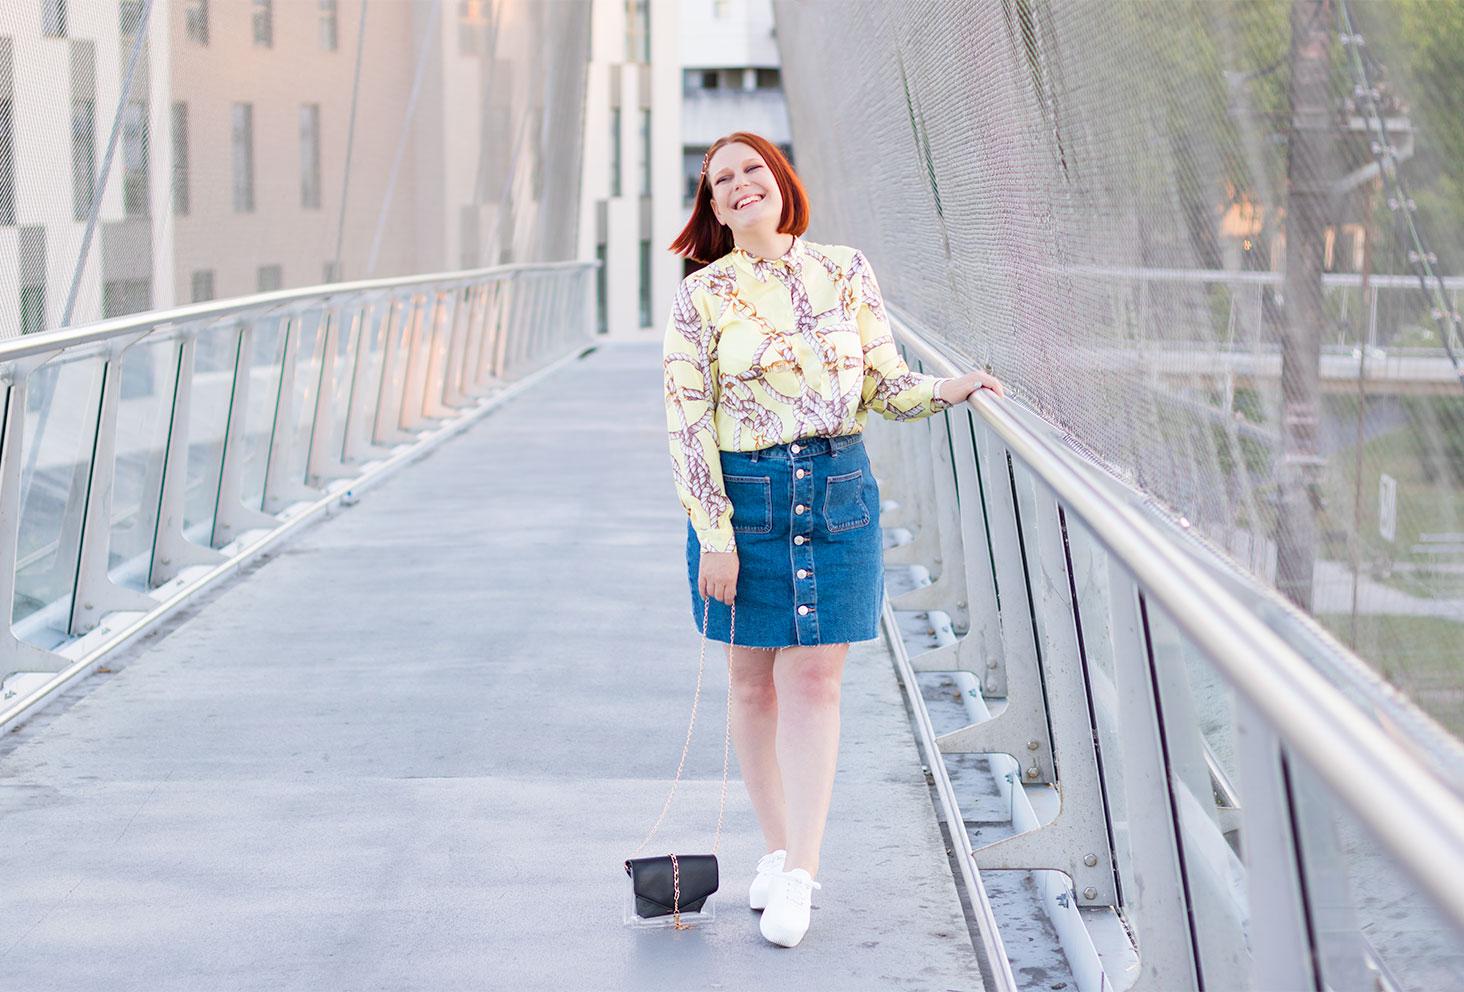 Appuyée à la rambarde en métal d'une passerelle street, en jupe en jean avec une chemise fluide jaune Zara